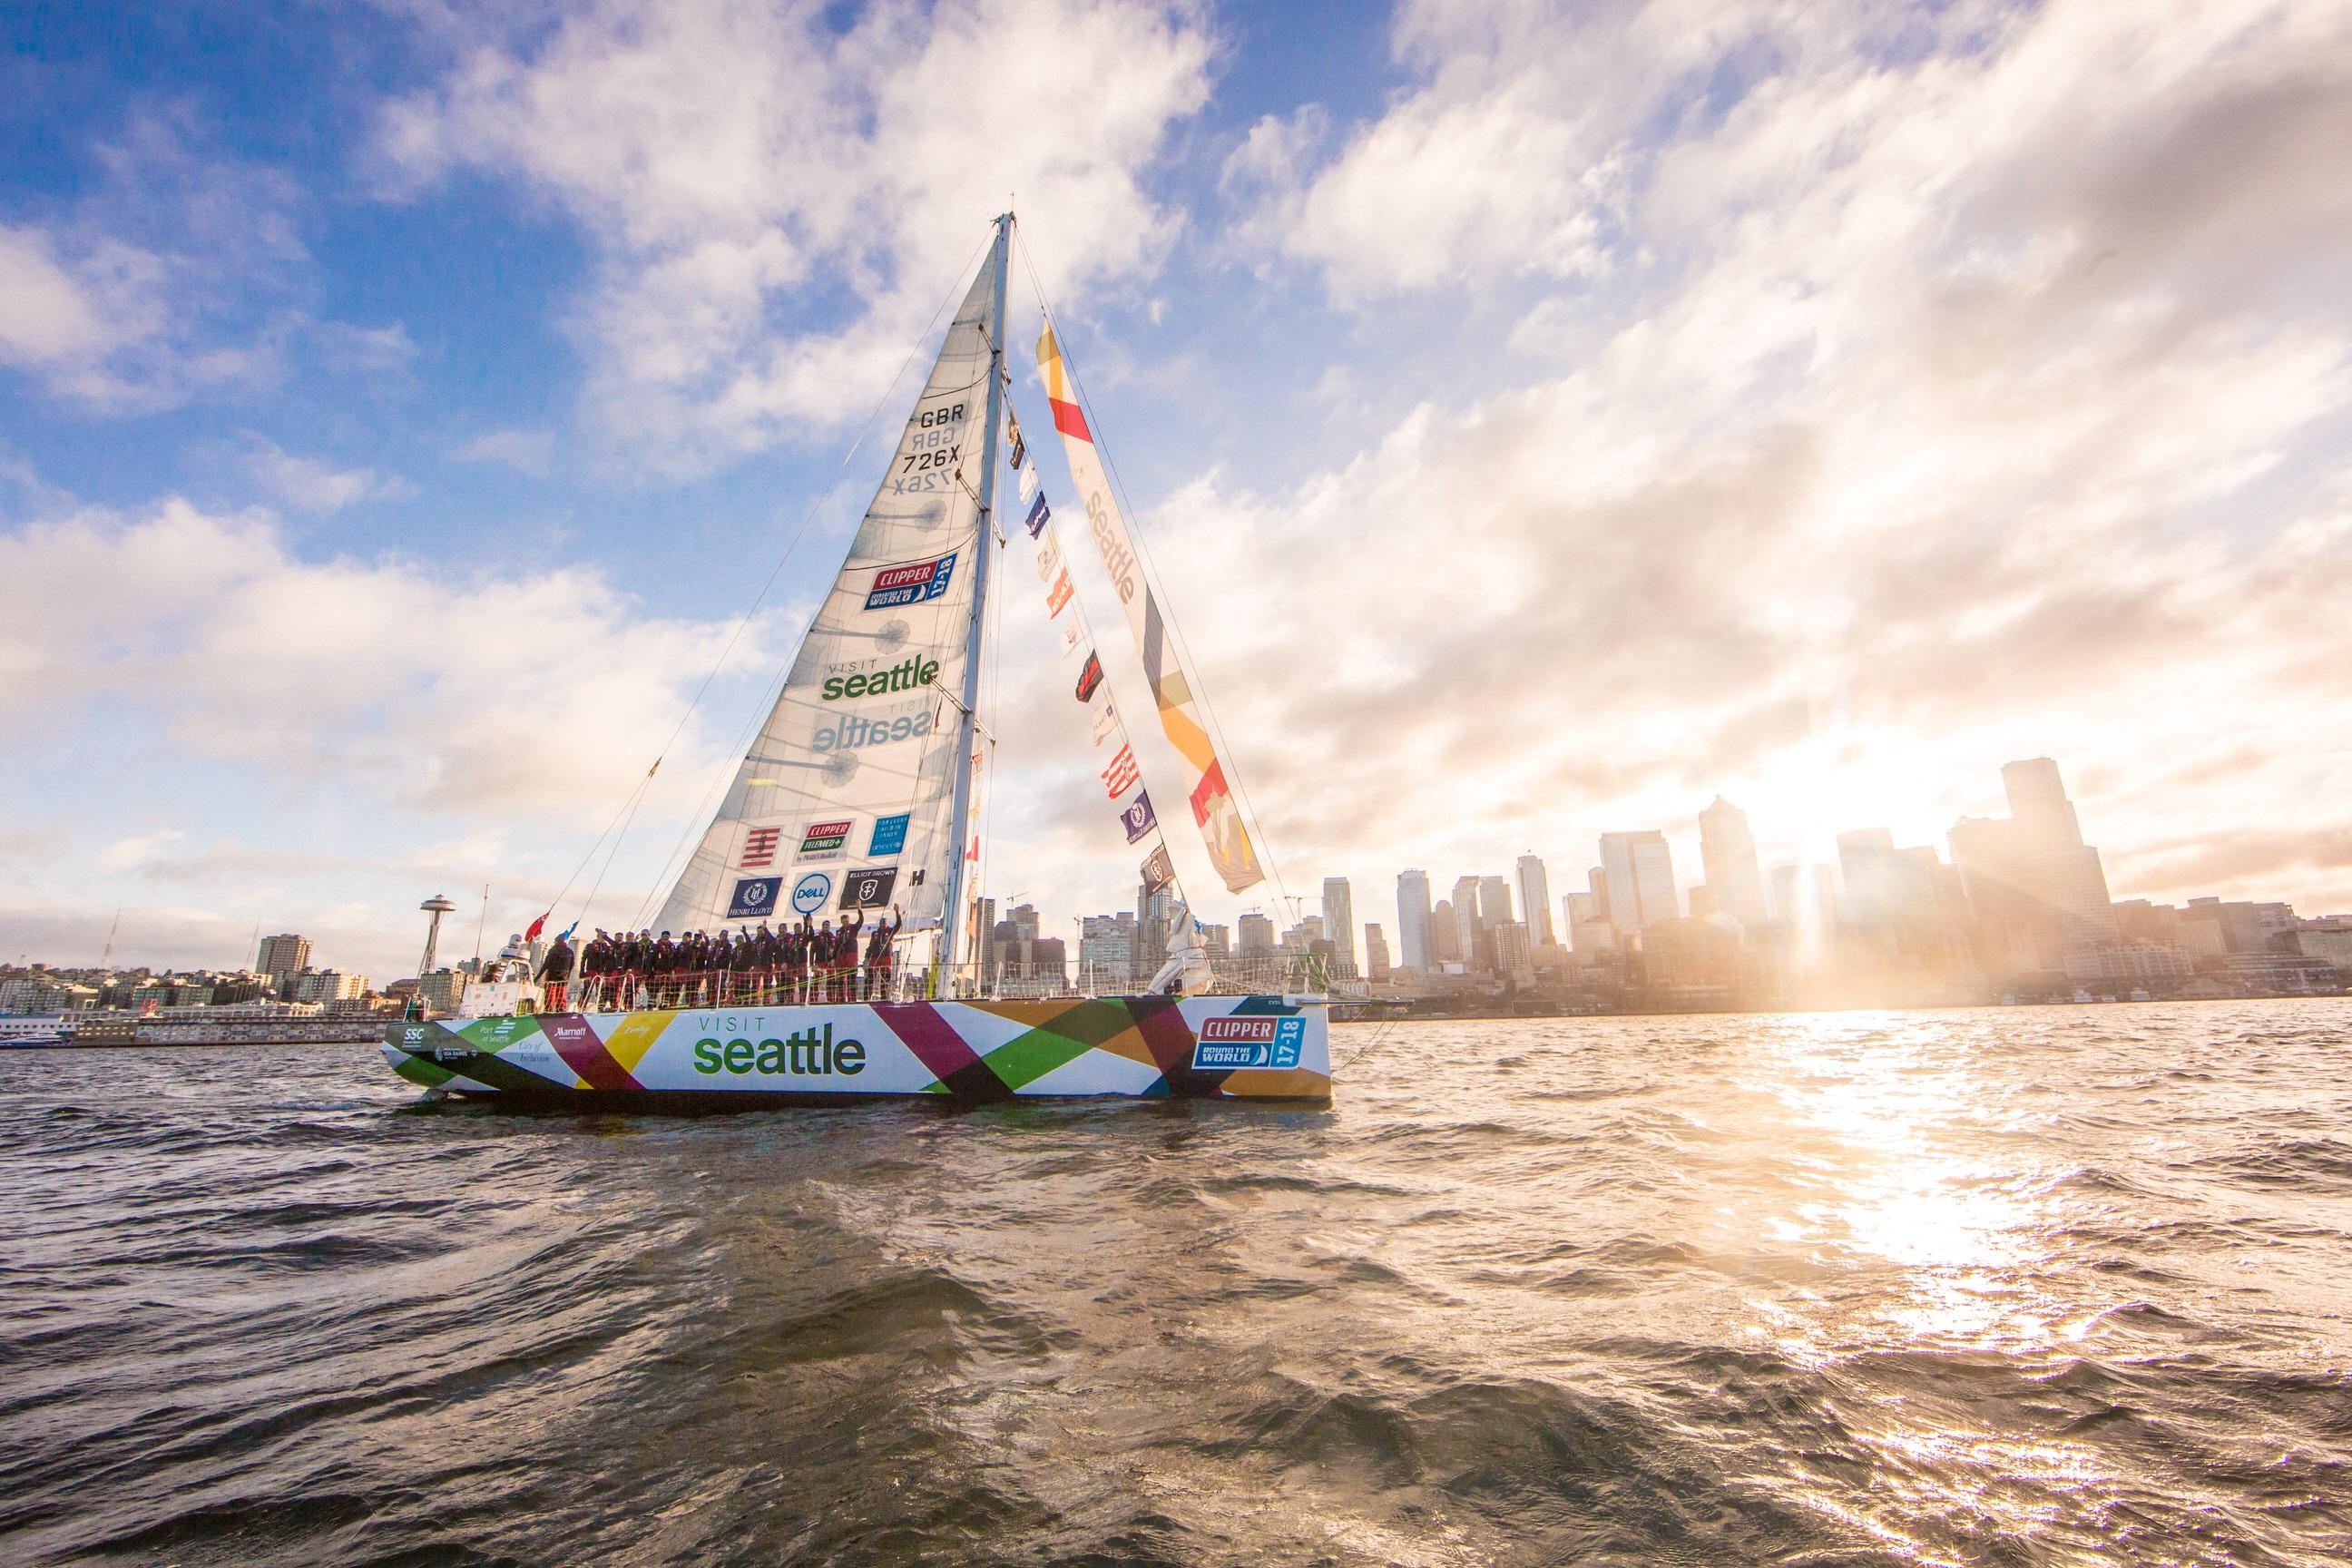 比赛,帆船,赛段,克利,西雅图 克利伯帆船赛确认新赛季最终两赛段主办港  095716lifoyggf